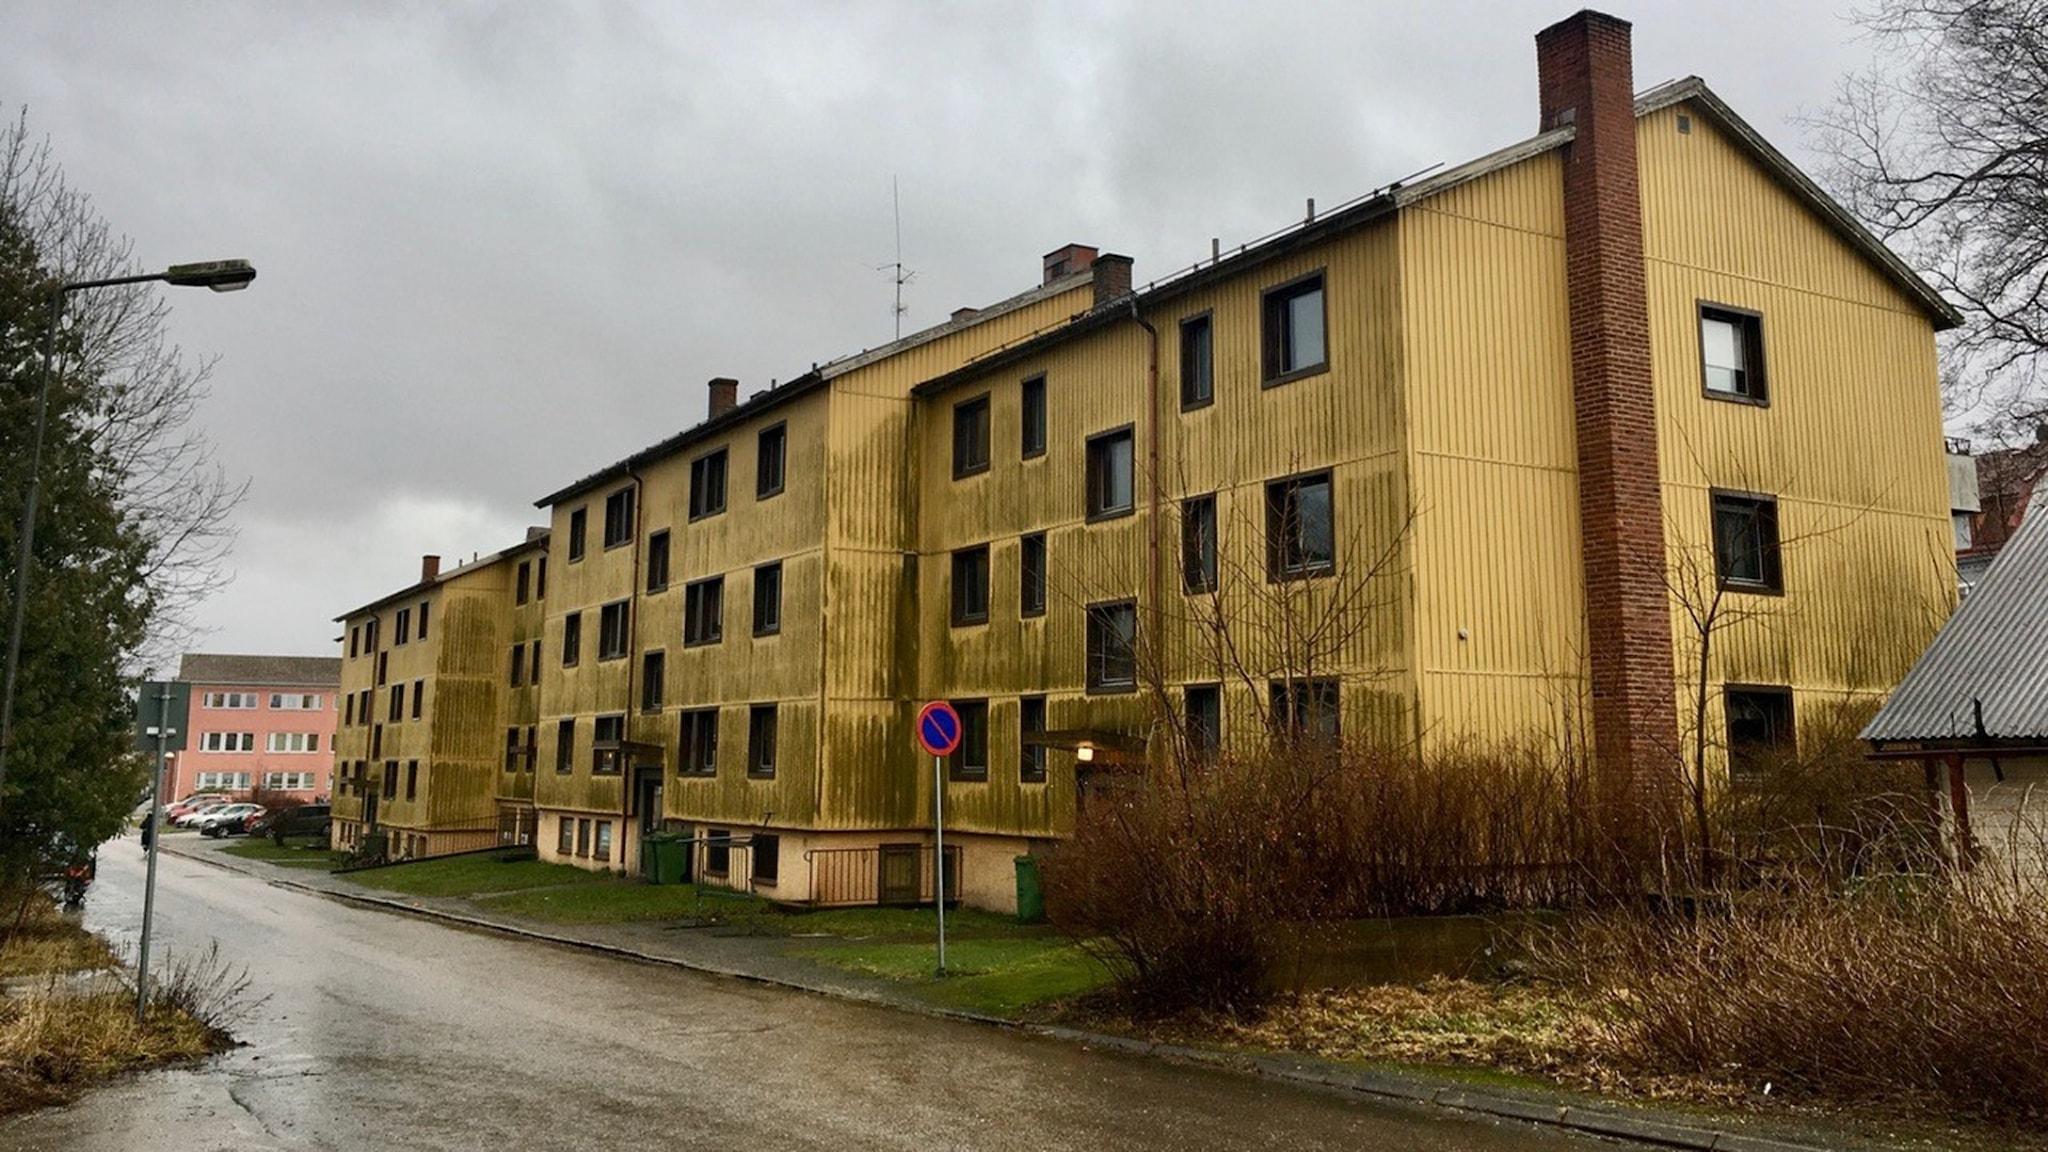 Ett flerbostadshus med möglig plåtfasad.